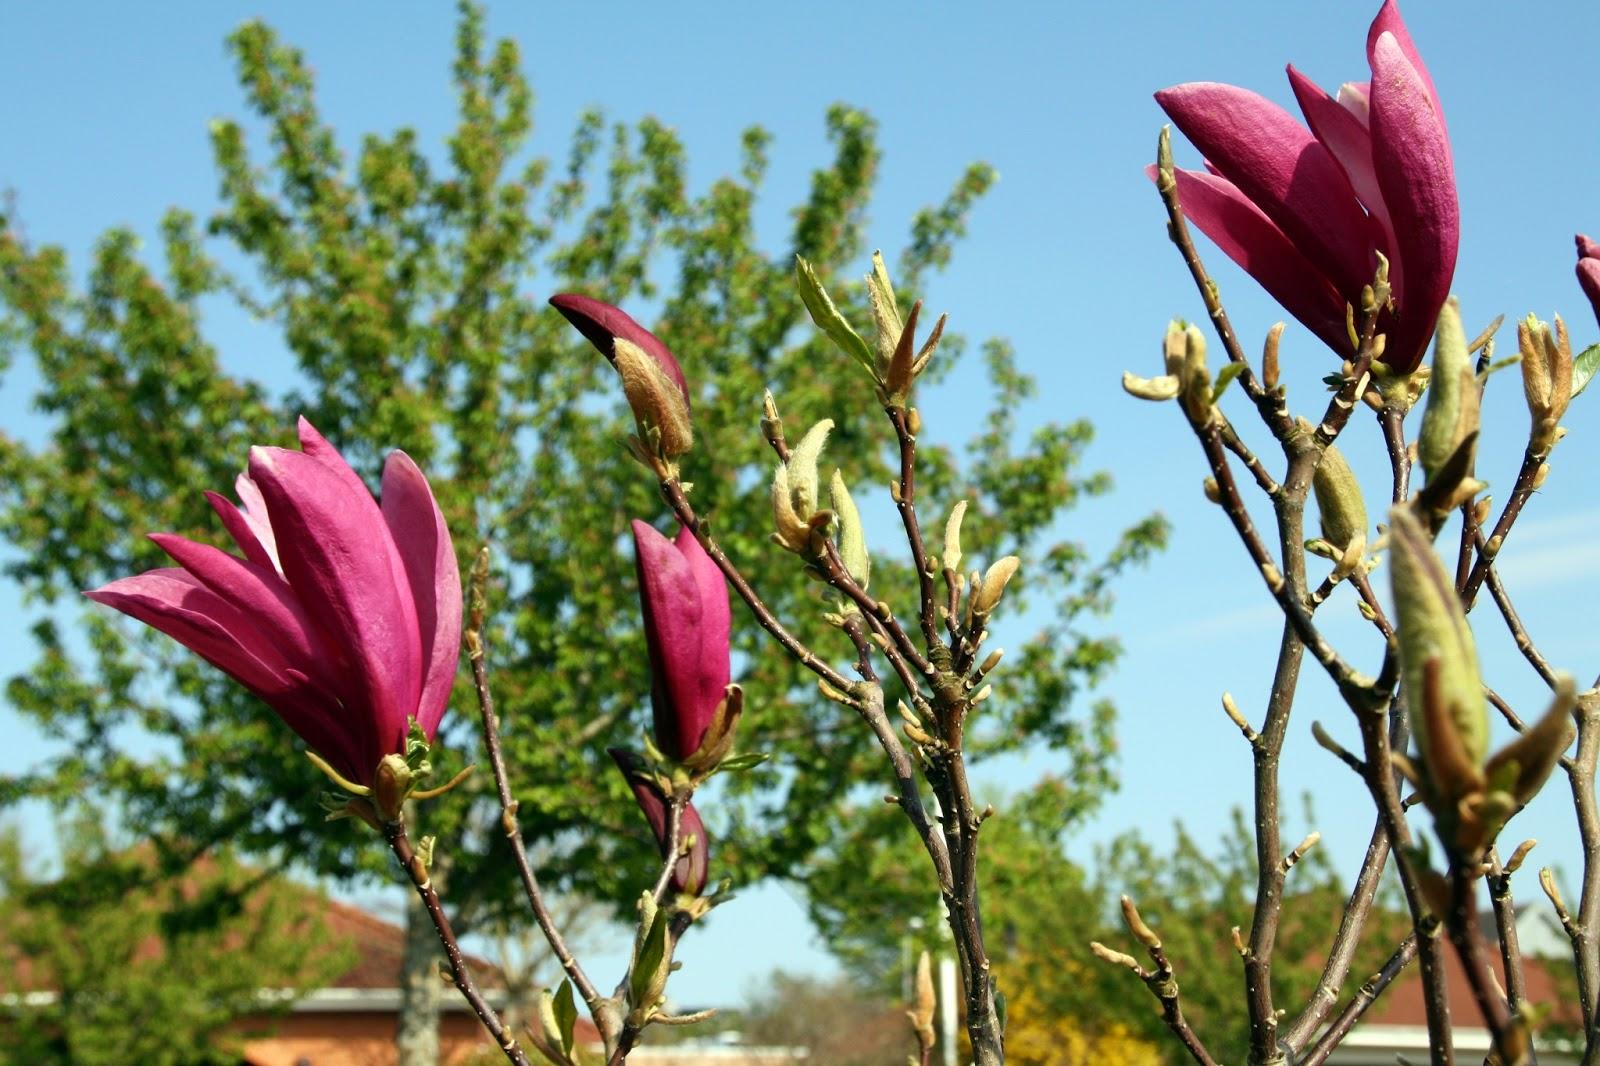 frk tulles blomster